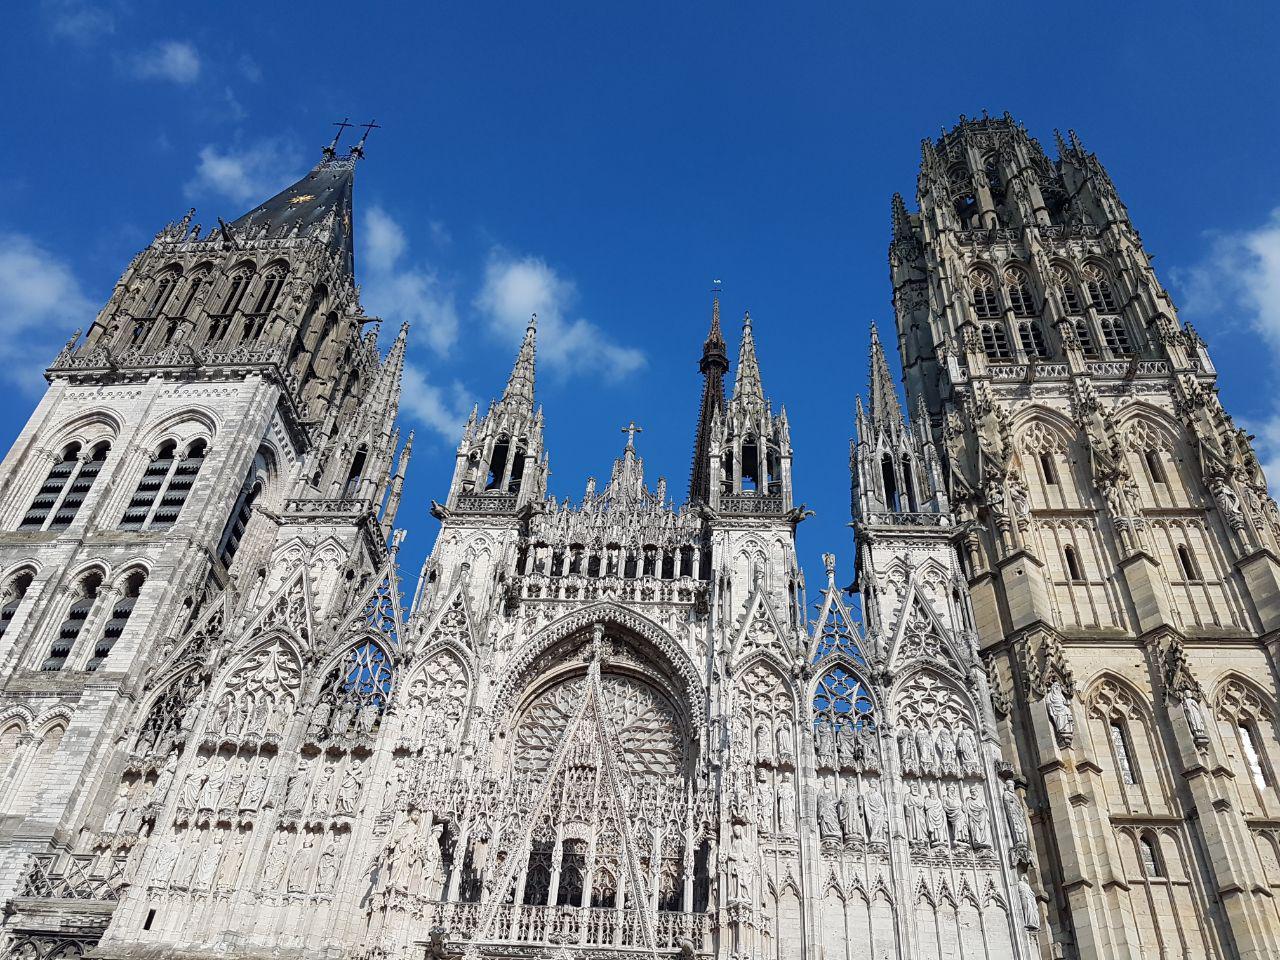 הקתדרלה של רואן (צילום: אחיה ראב